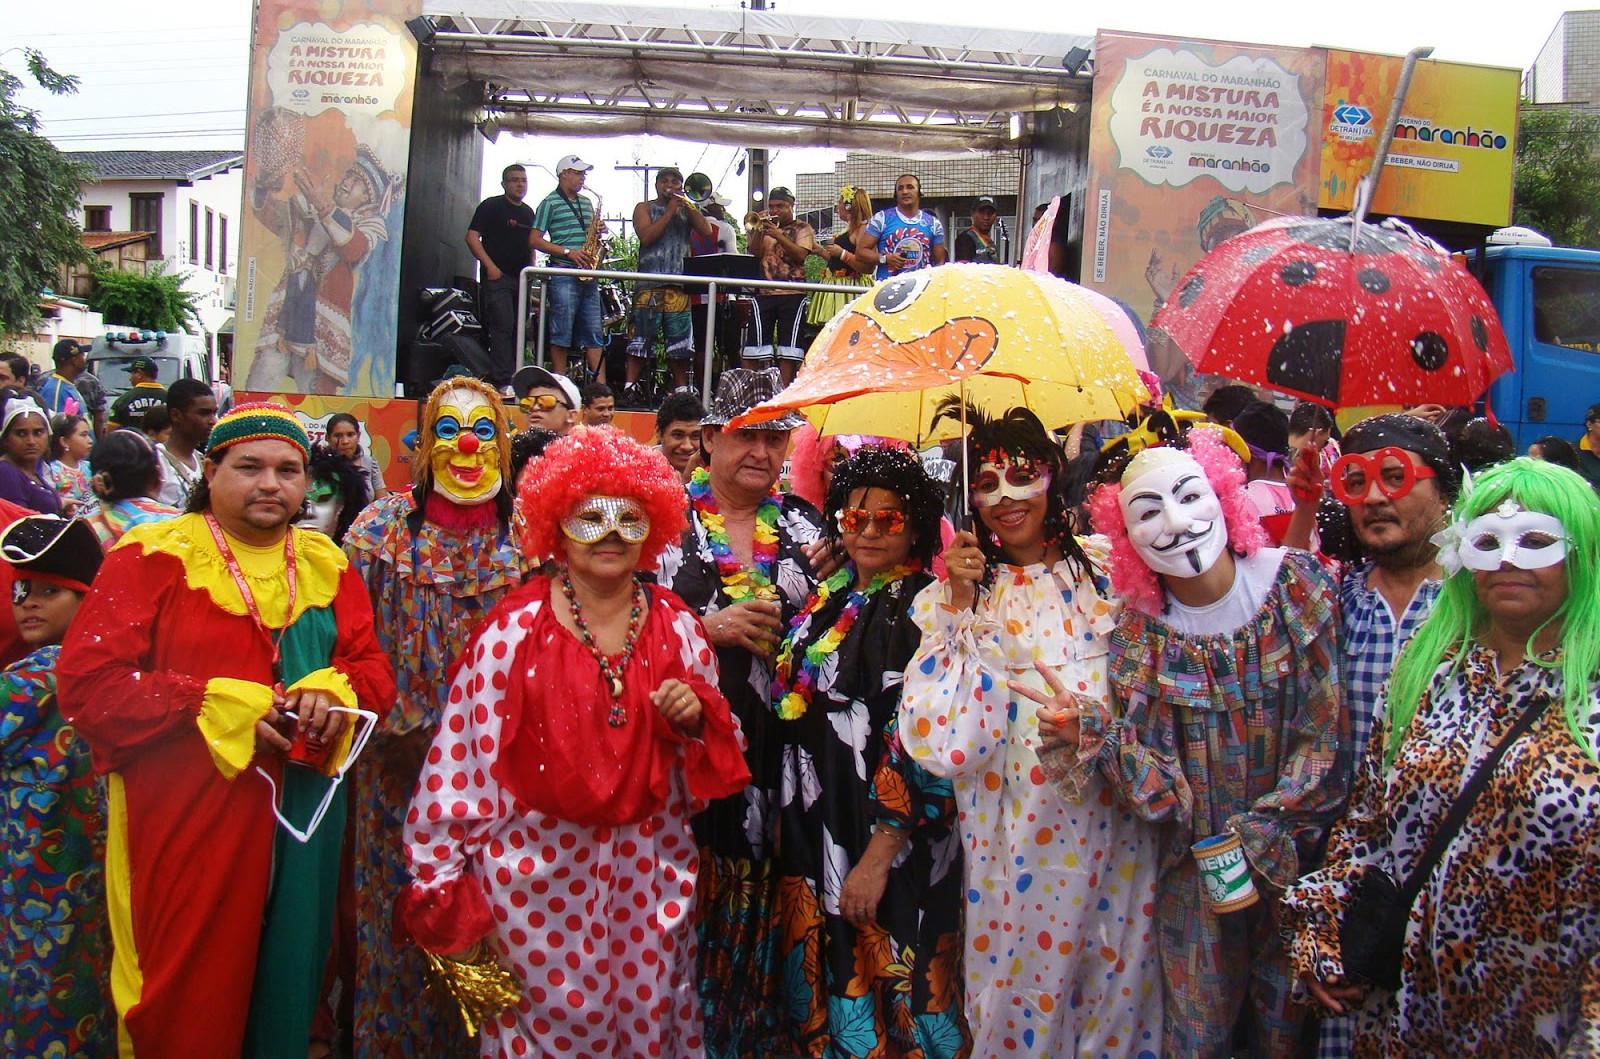 Em Imperatriz os foliões já contam com diversas atrações para entrar no clima momesco (Foto: Reprodução)